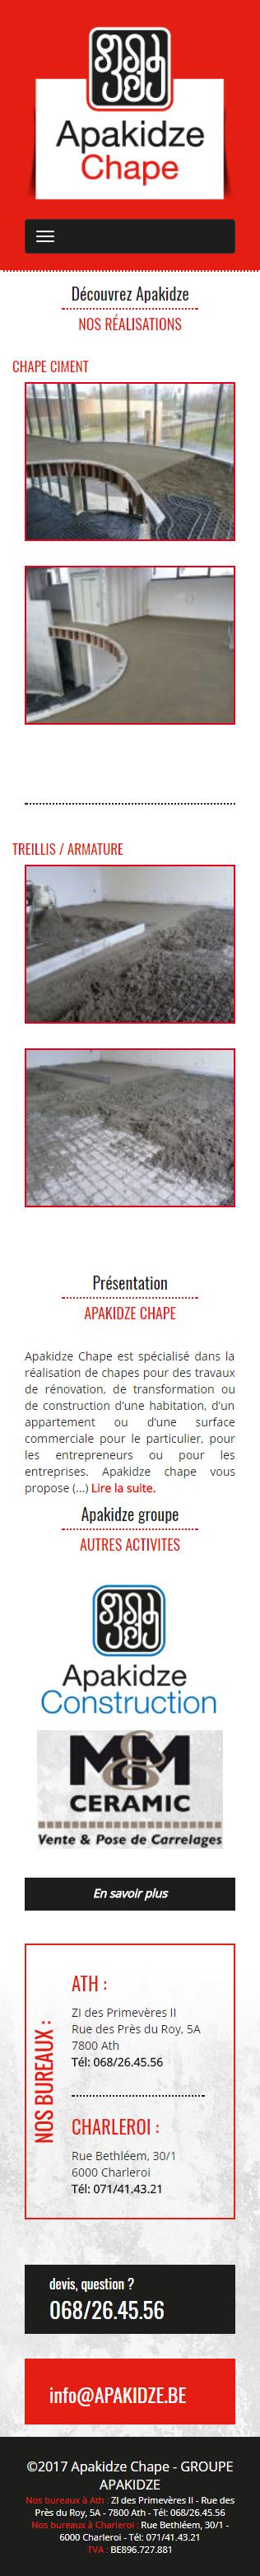 Apakidze Chapes